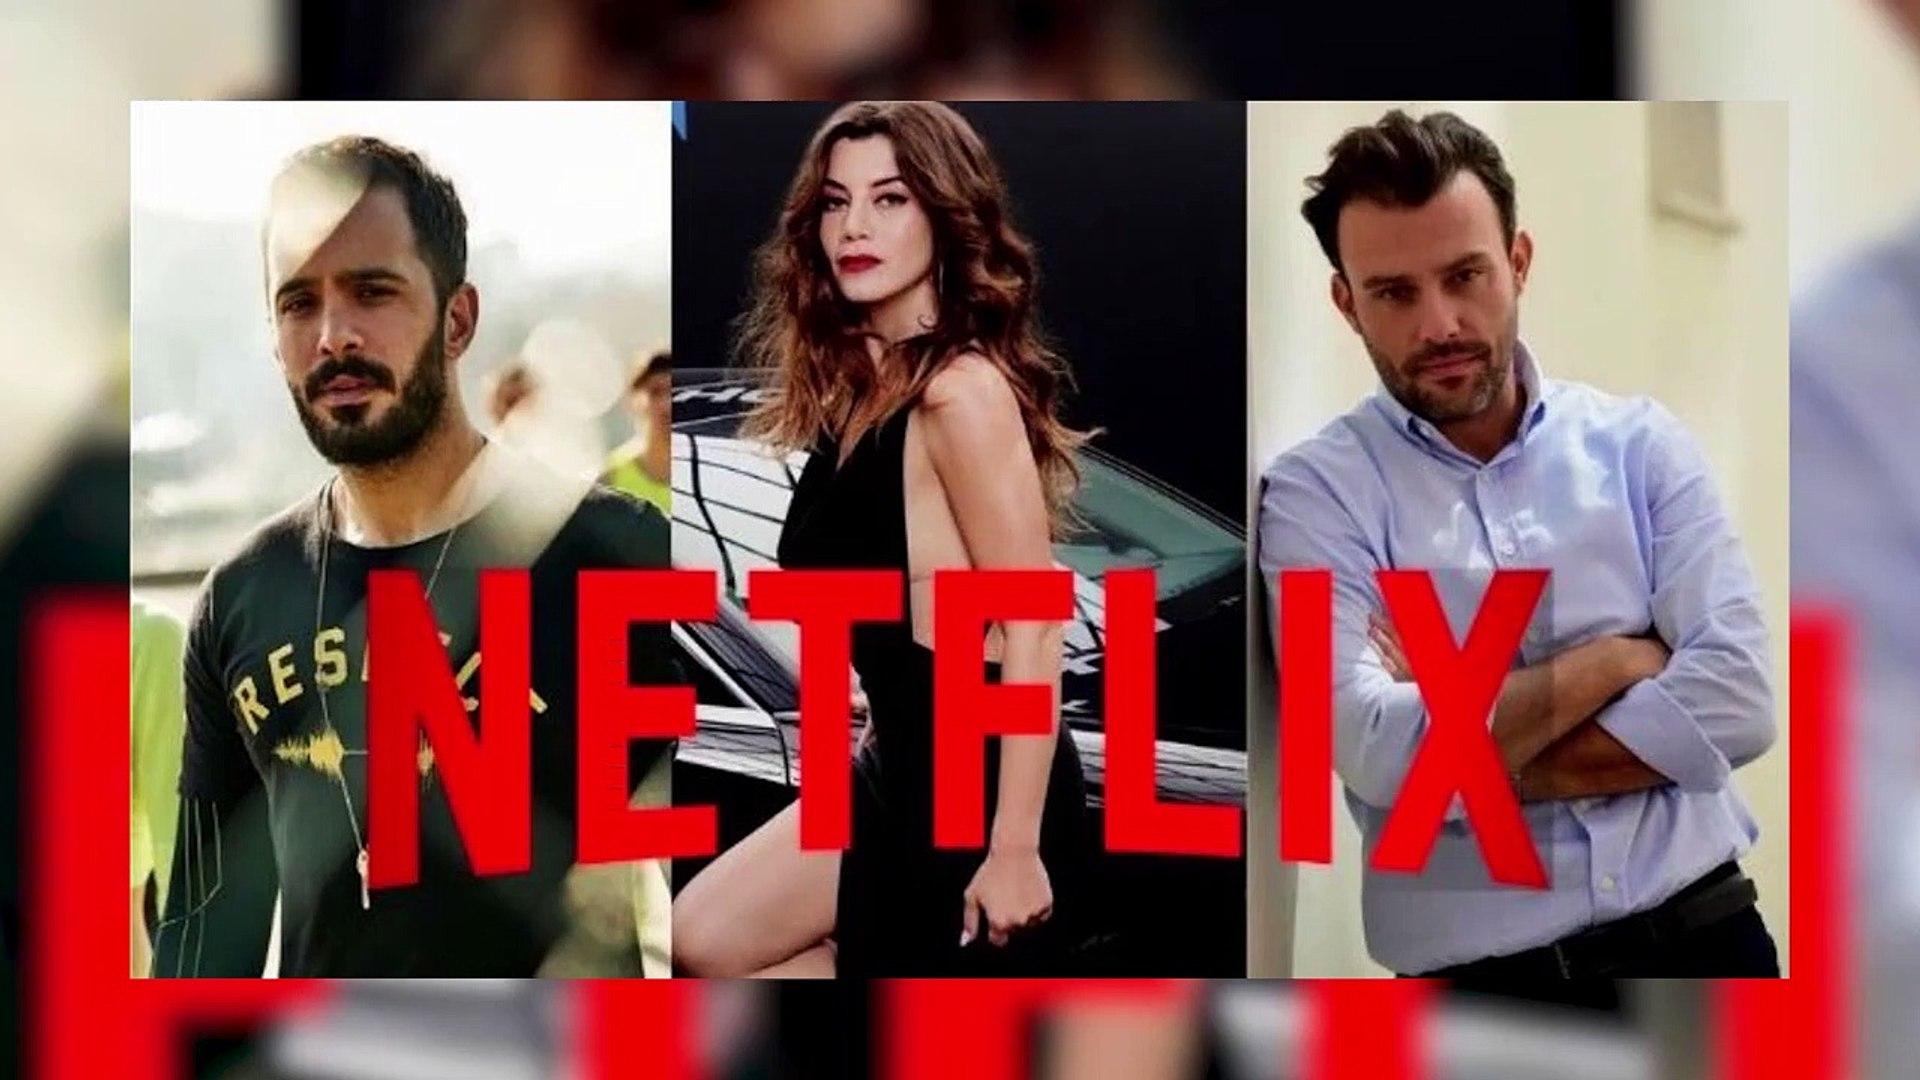 Nueva Entrevista Con Barış Arduç 03 02 2021 Sobre Su Nueva Serie Kulup Y Su Matrimonio Con Gupse Video Dailymotion